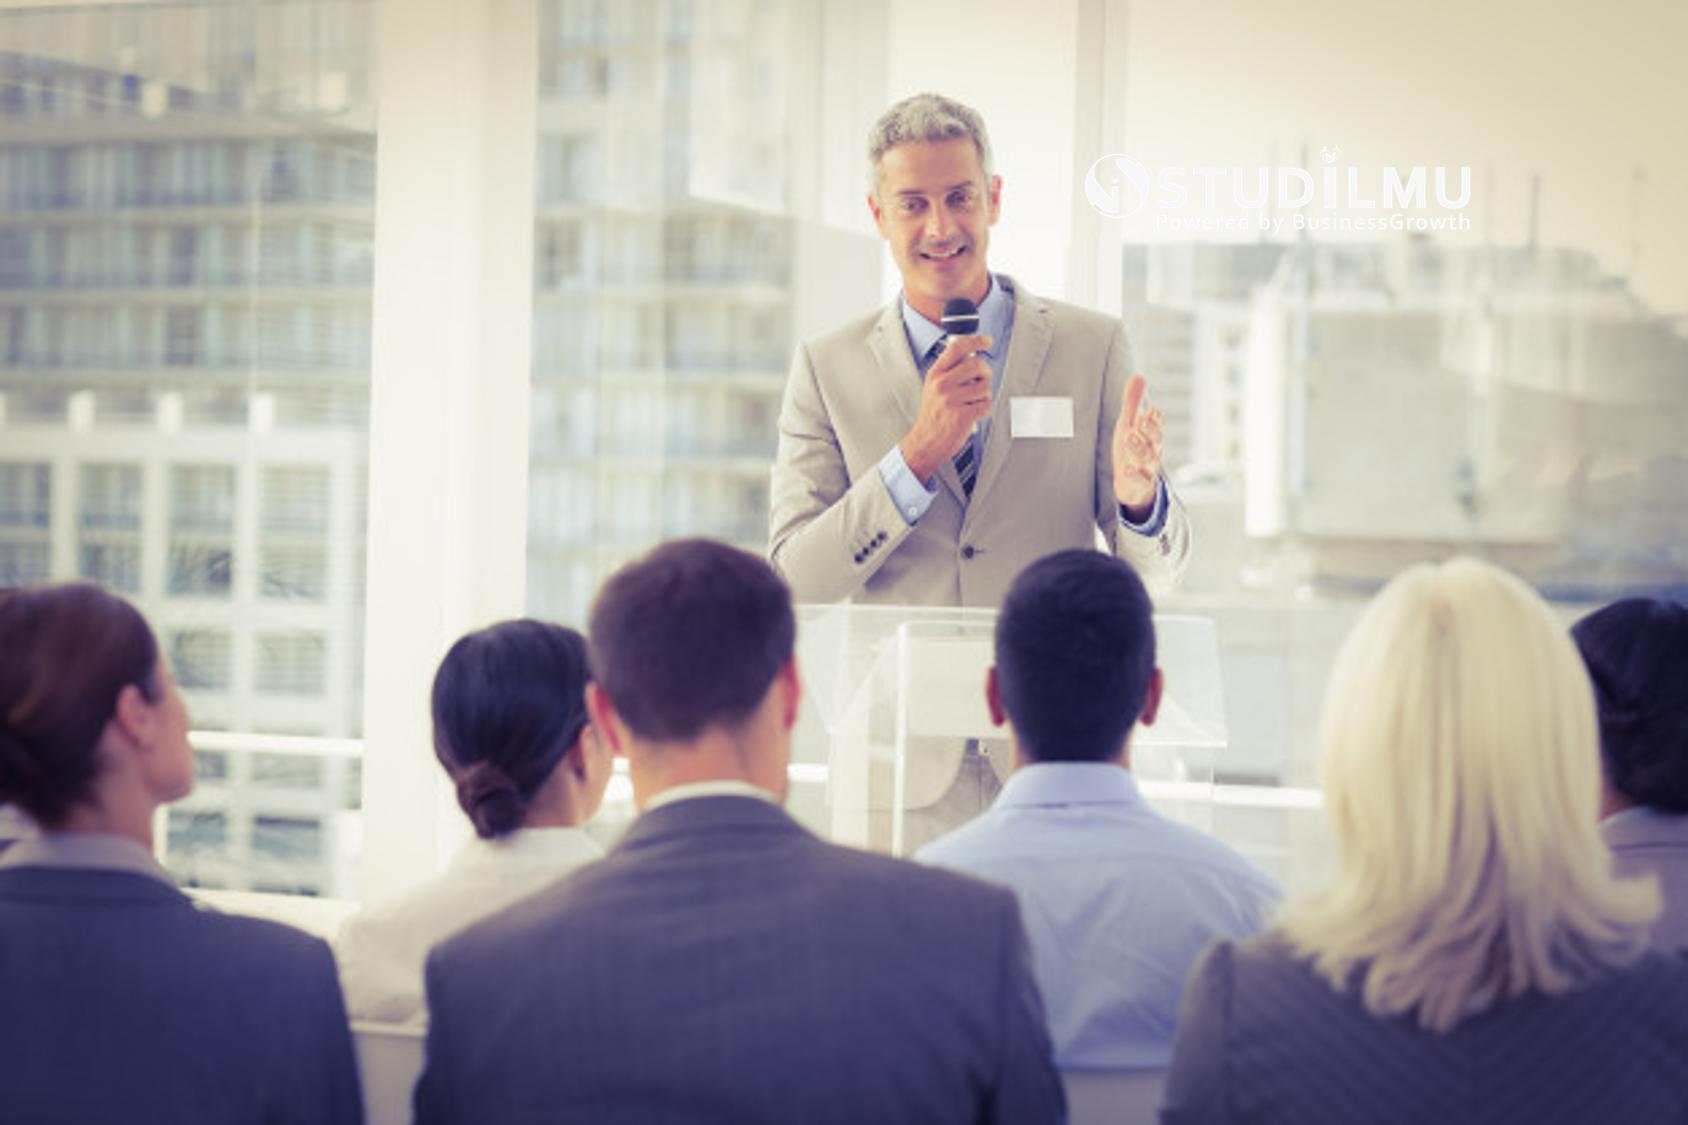 STUDILMU Career Advice - 4 Cara Berbicara di Depan Umum tanpa Rasa Takut